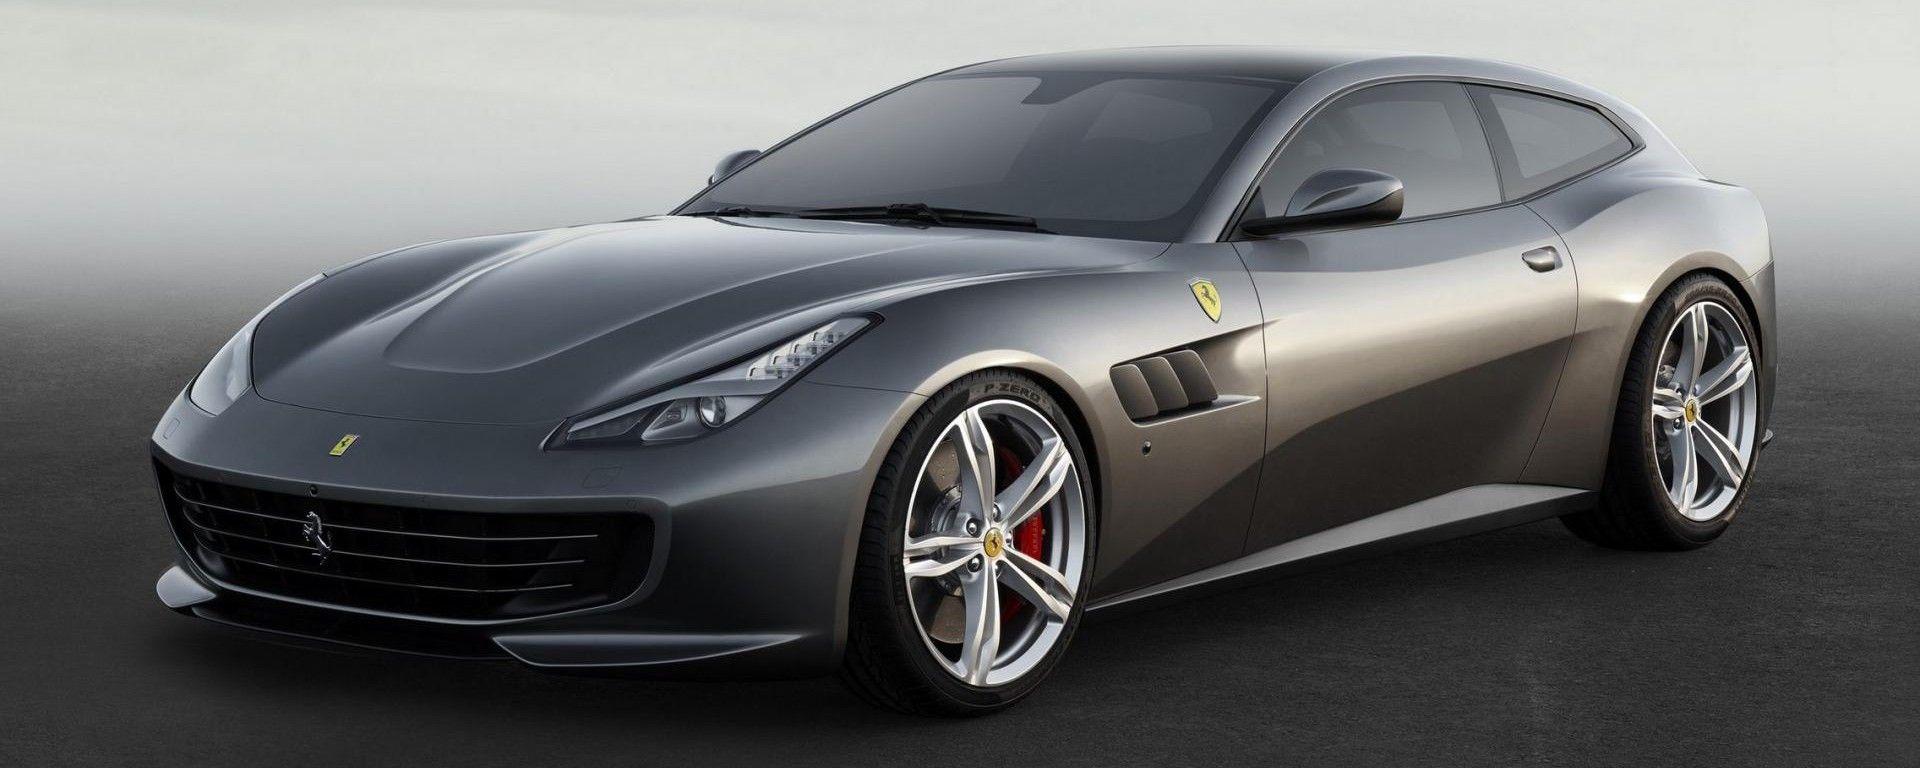 Ferrari: anno record, 5.500 euro di bonus ai dipendenti